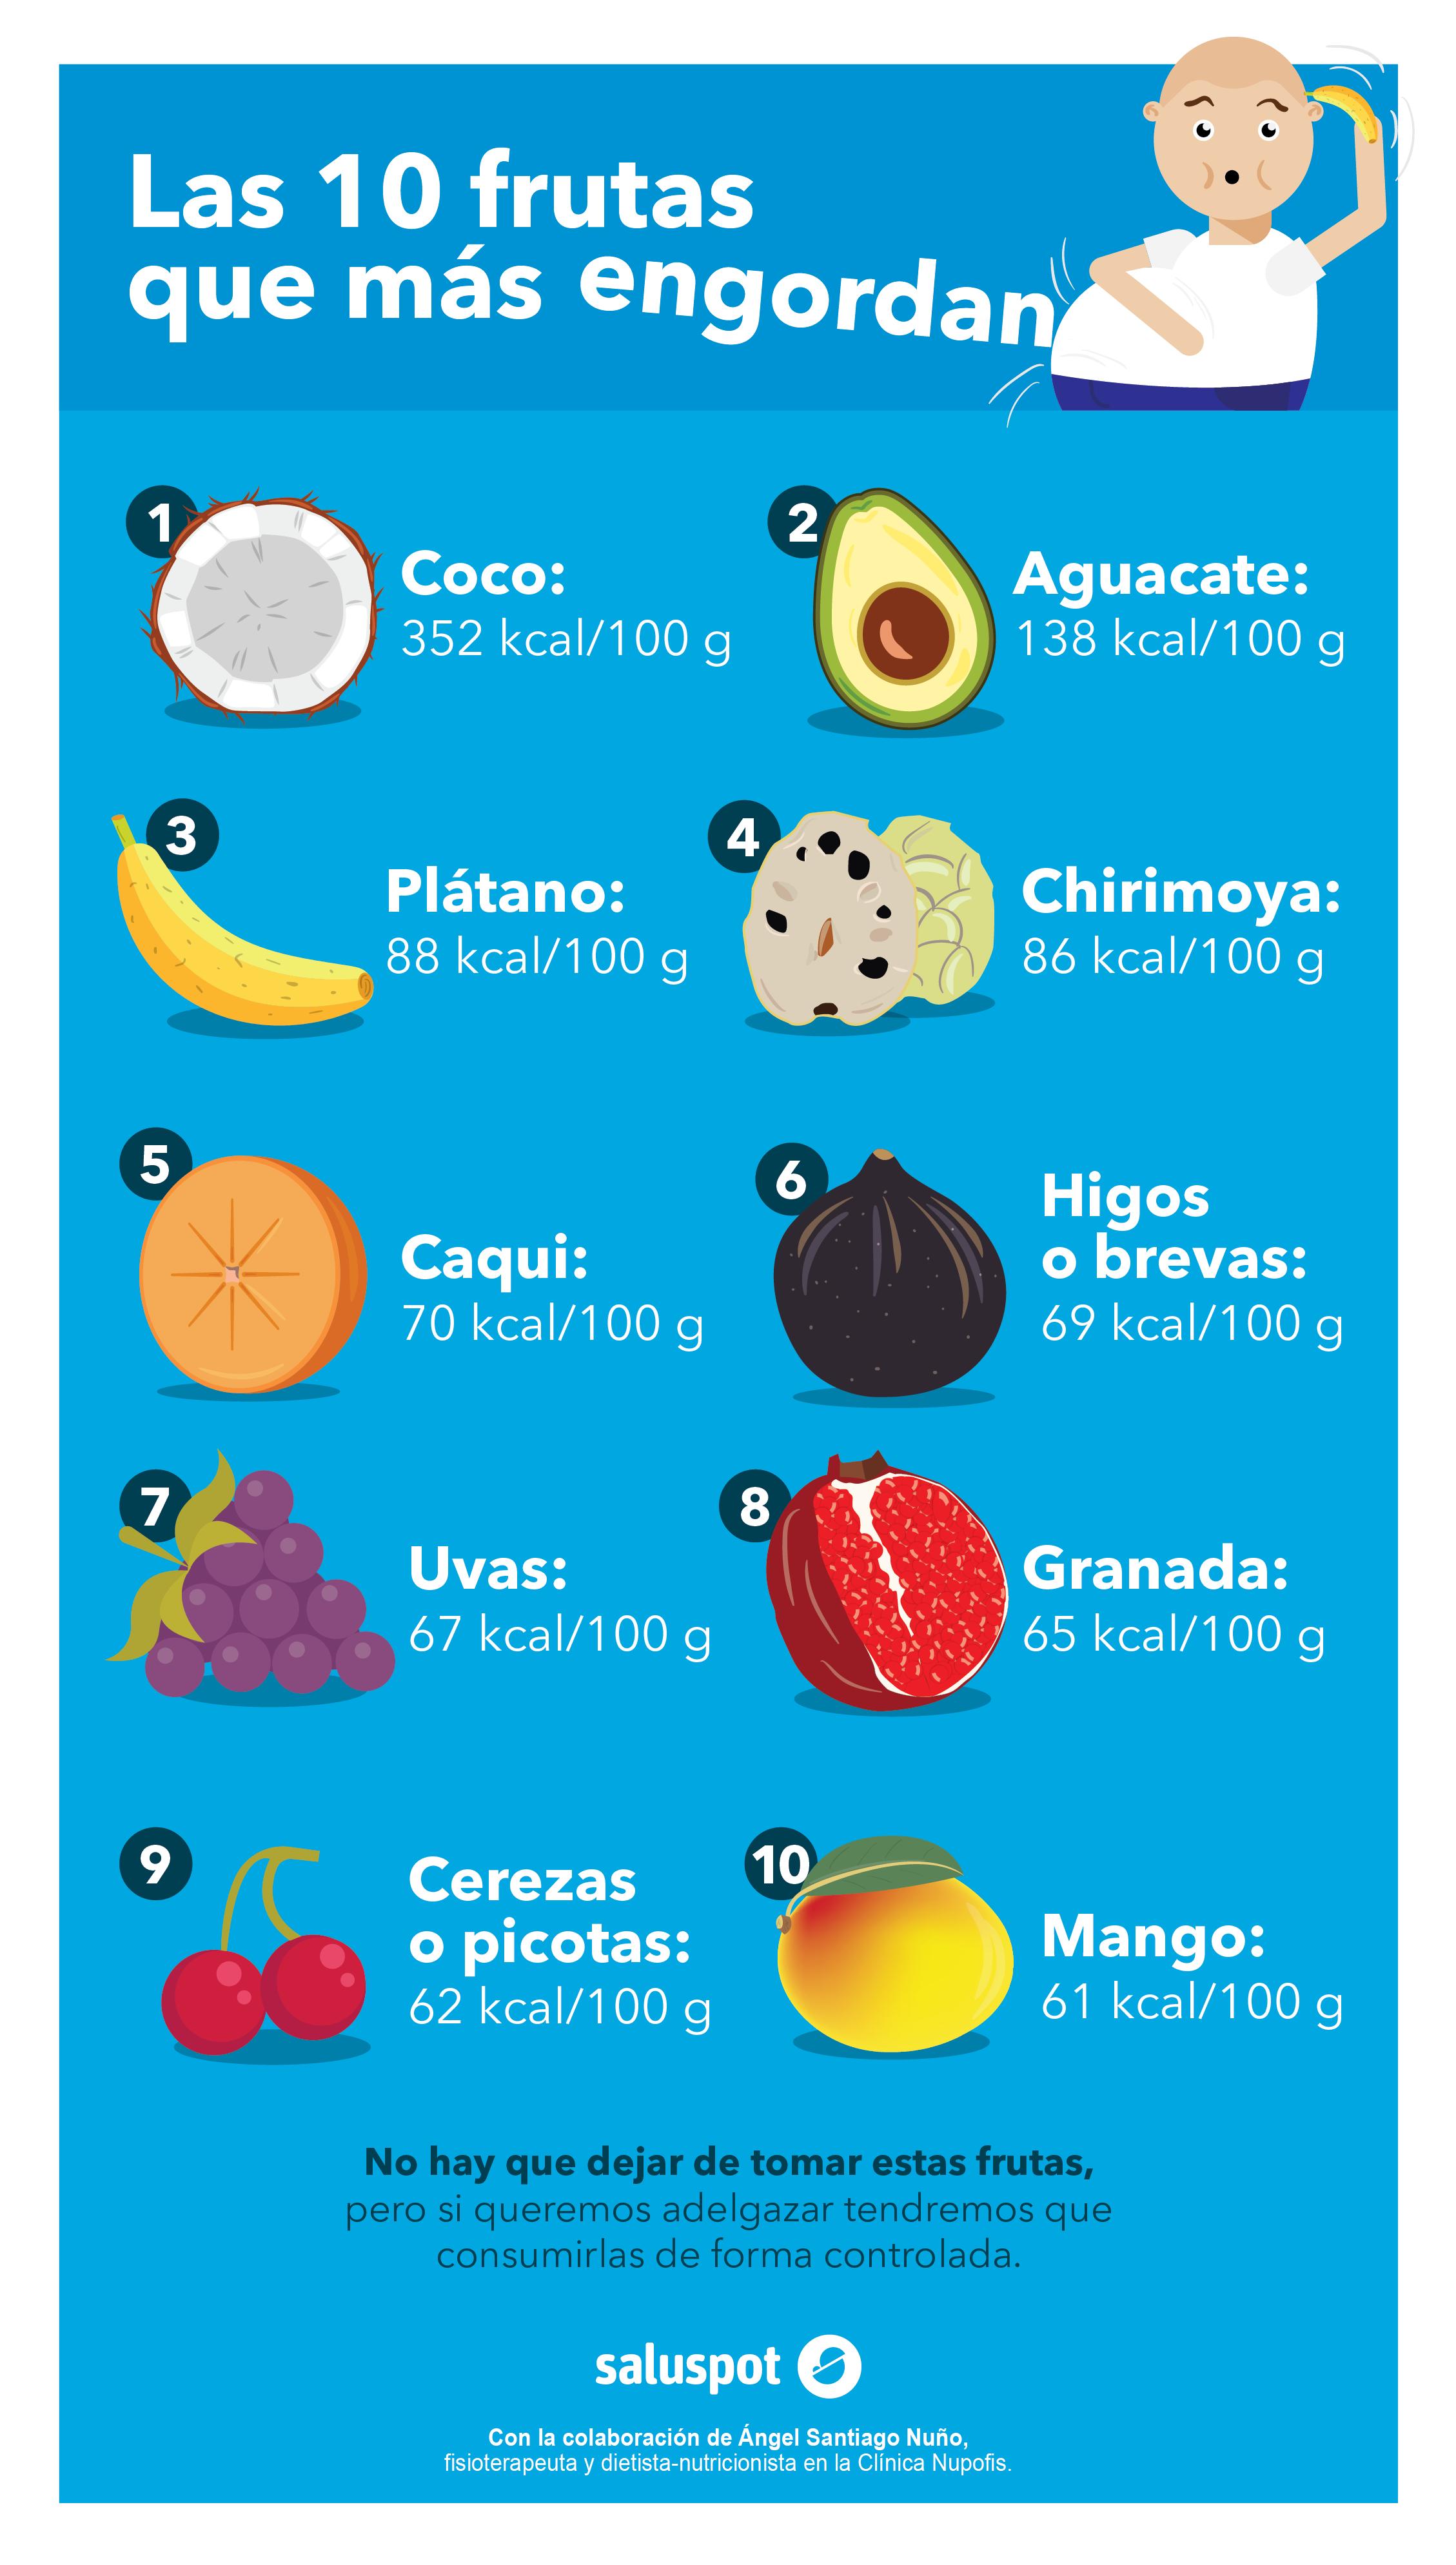 Frutas que engordan infograf a en colaboraci n con ngel santiago nu o ejercicios - Alimentos que mas engordan ...